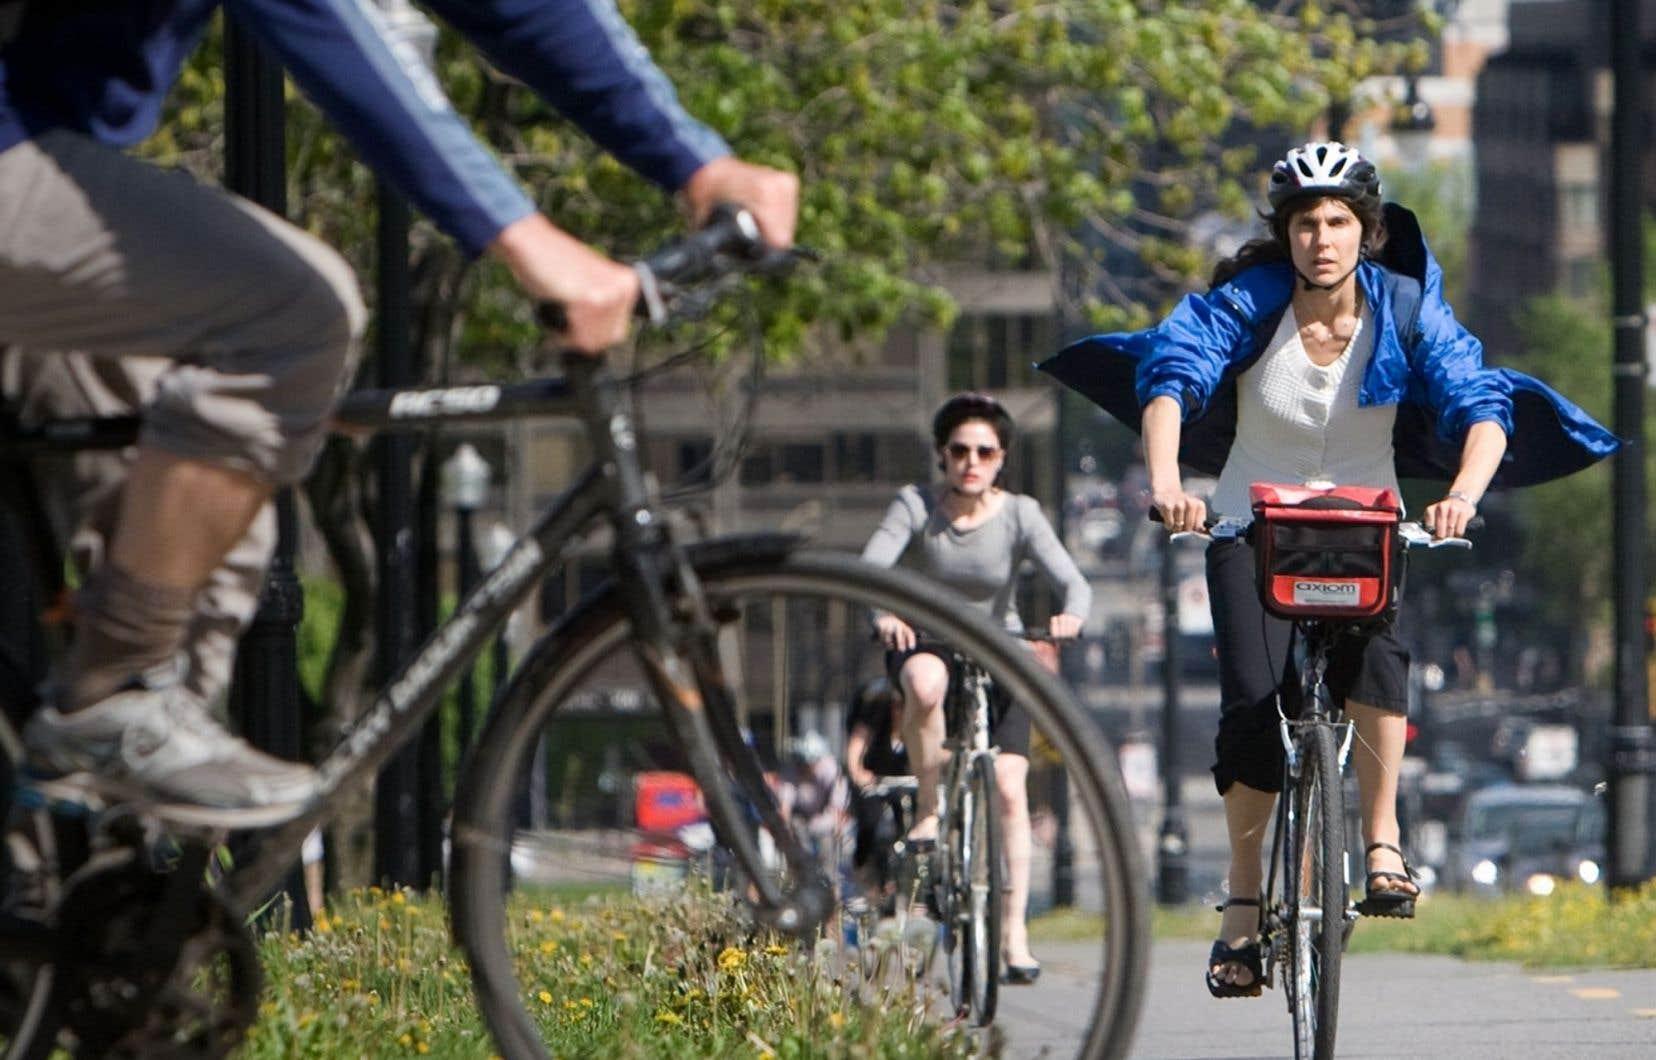 Pour créer une ville plus humaine, il faut d'abord réorganiser les quartiers pour qu'ils soient plus agréables à vivre et plus sécuritaires à parcourir en dehors de l'automobile, estime l'auteure.